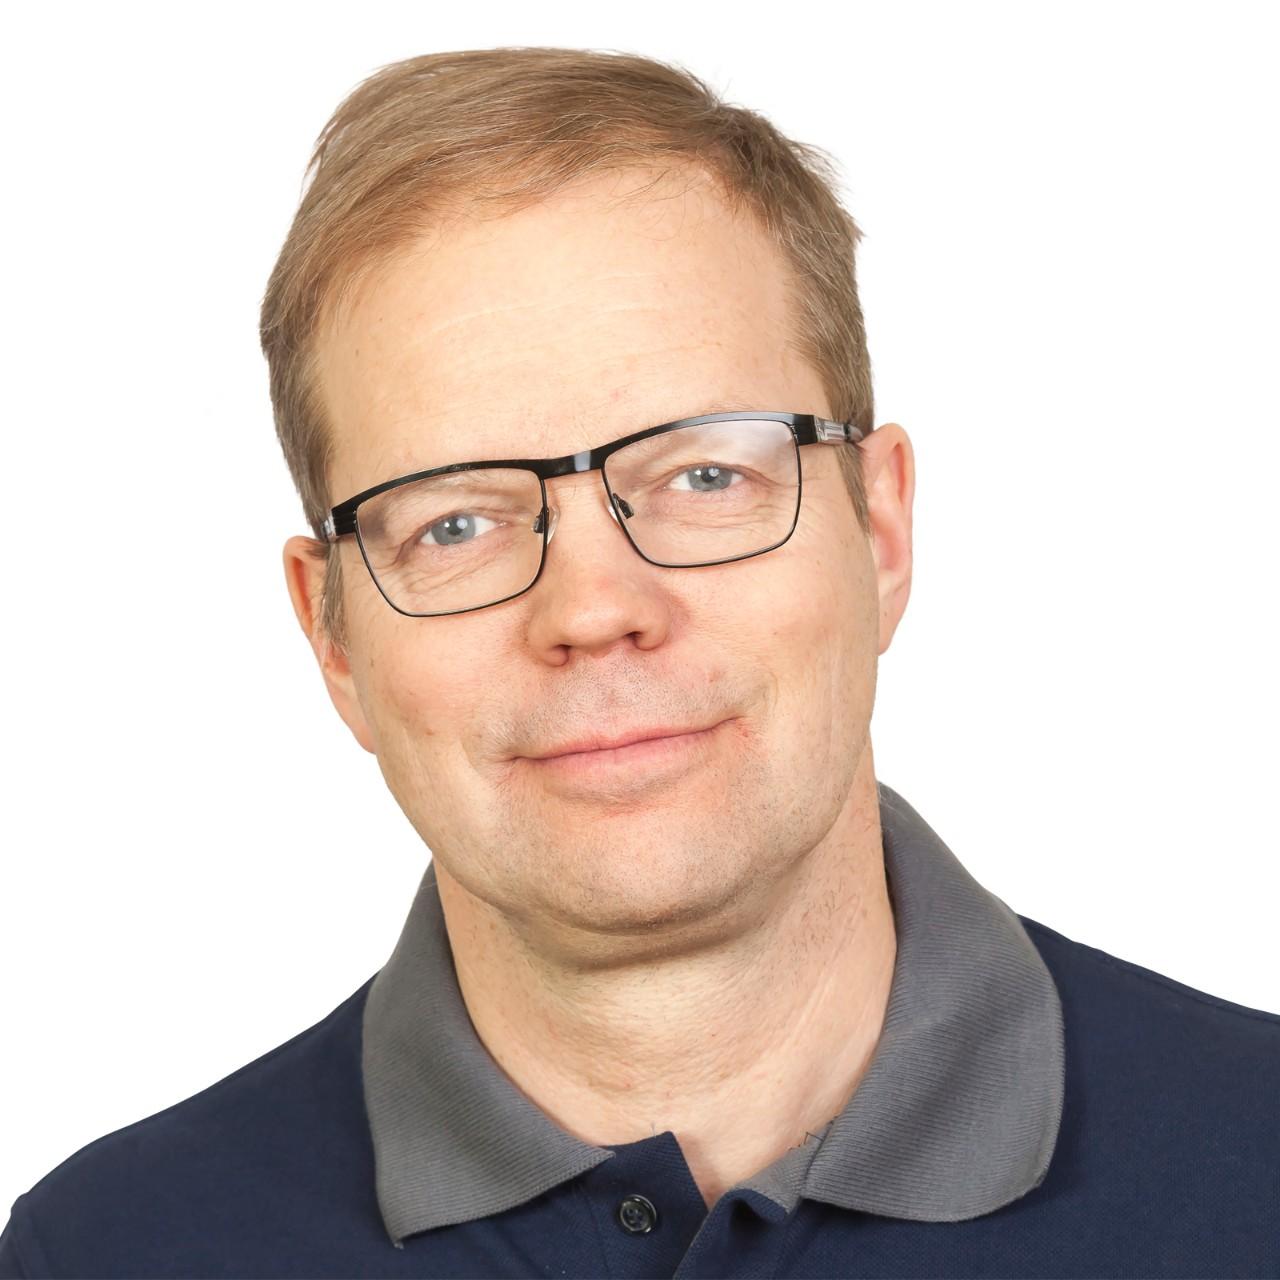 Johnny Gustavsson